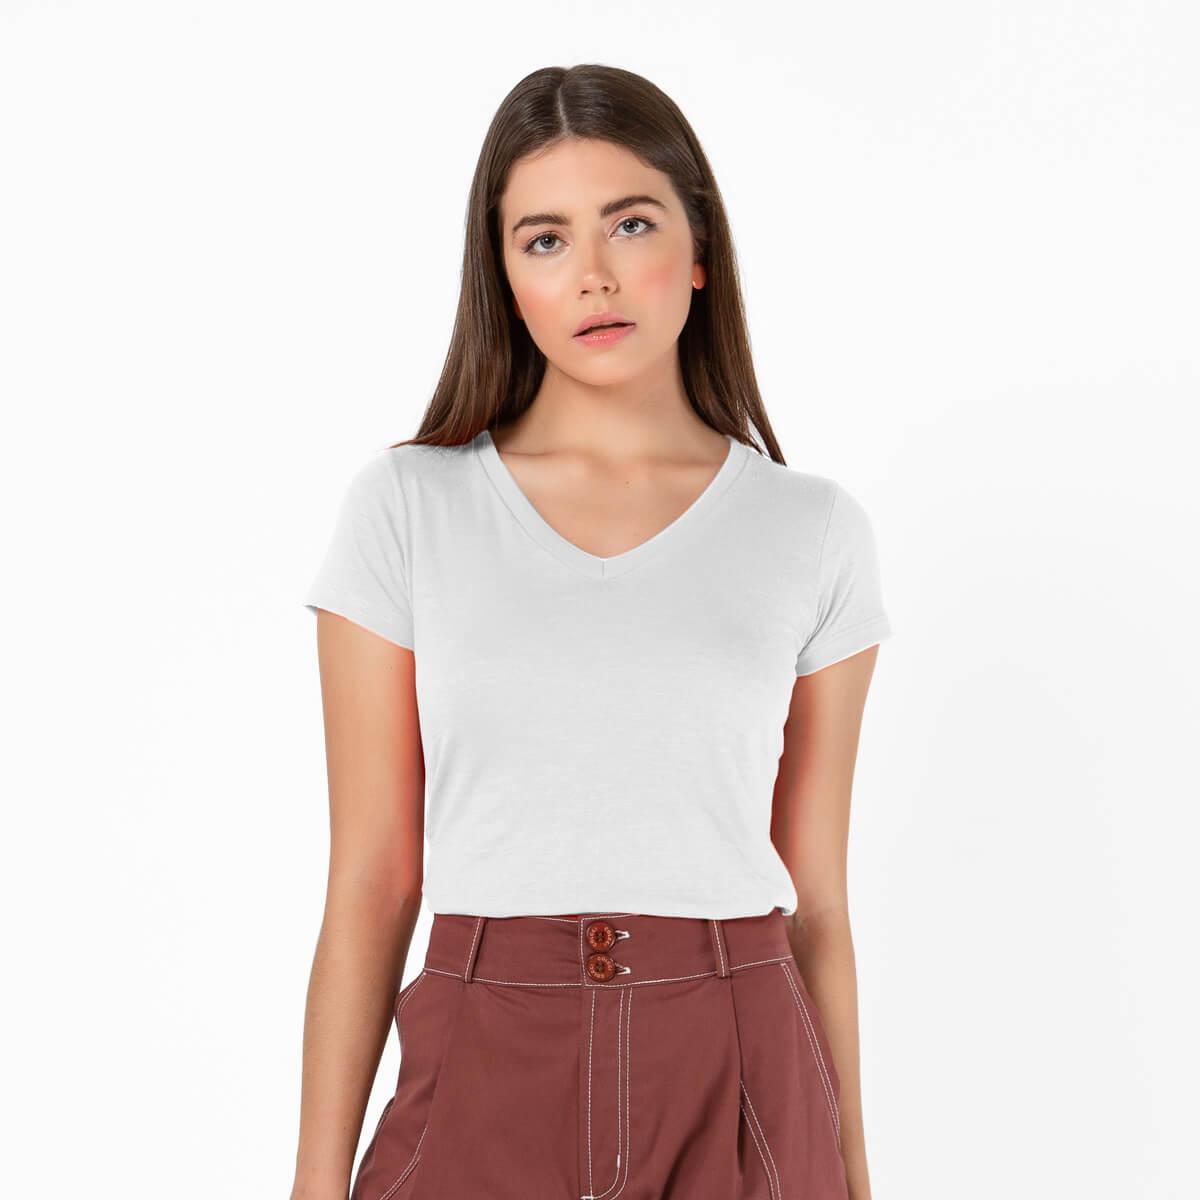 Blusa Feminina Básica Comfort Gola V Branca